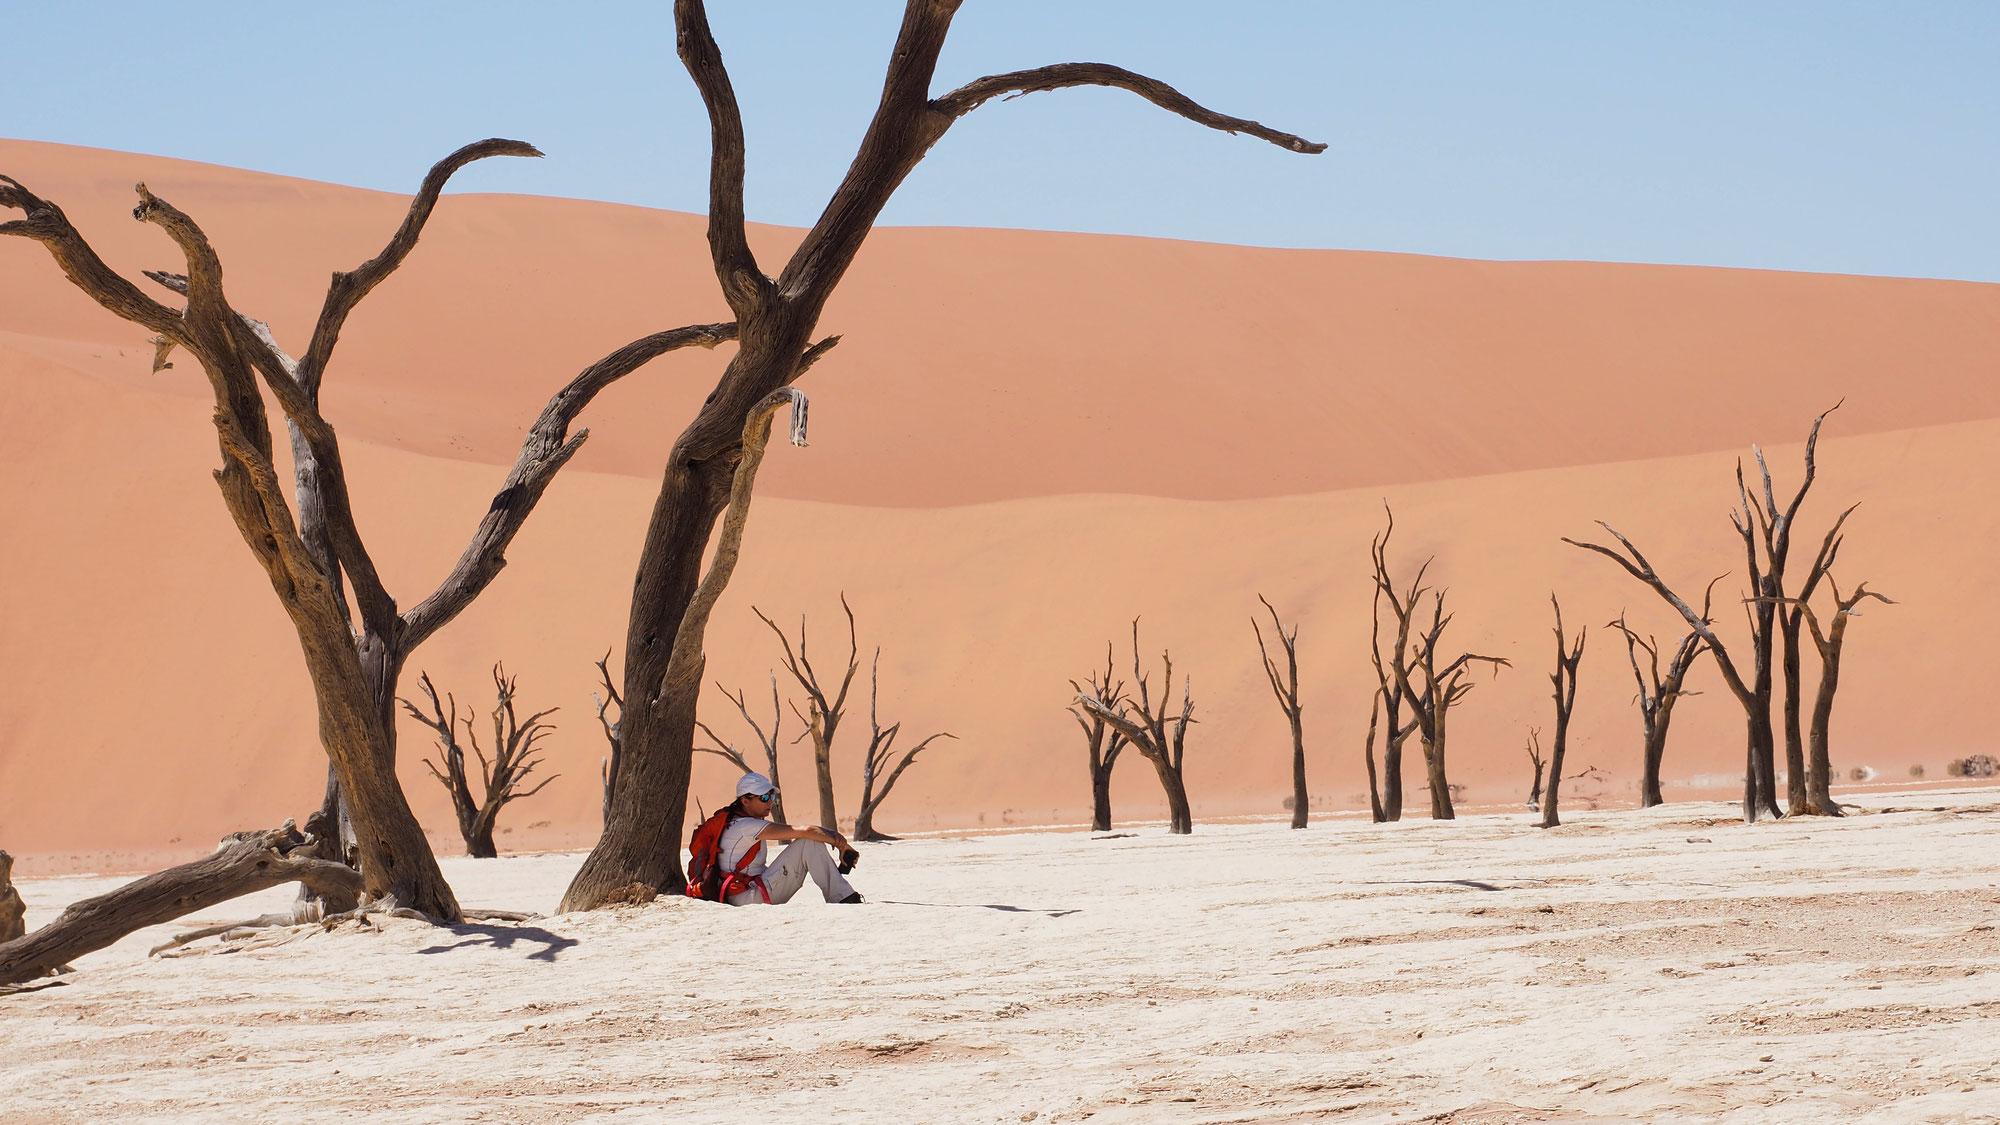 Namibia 06.-14.11.2020 - unsere erste Woche